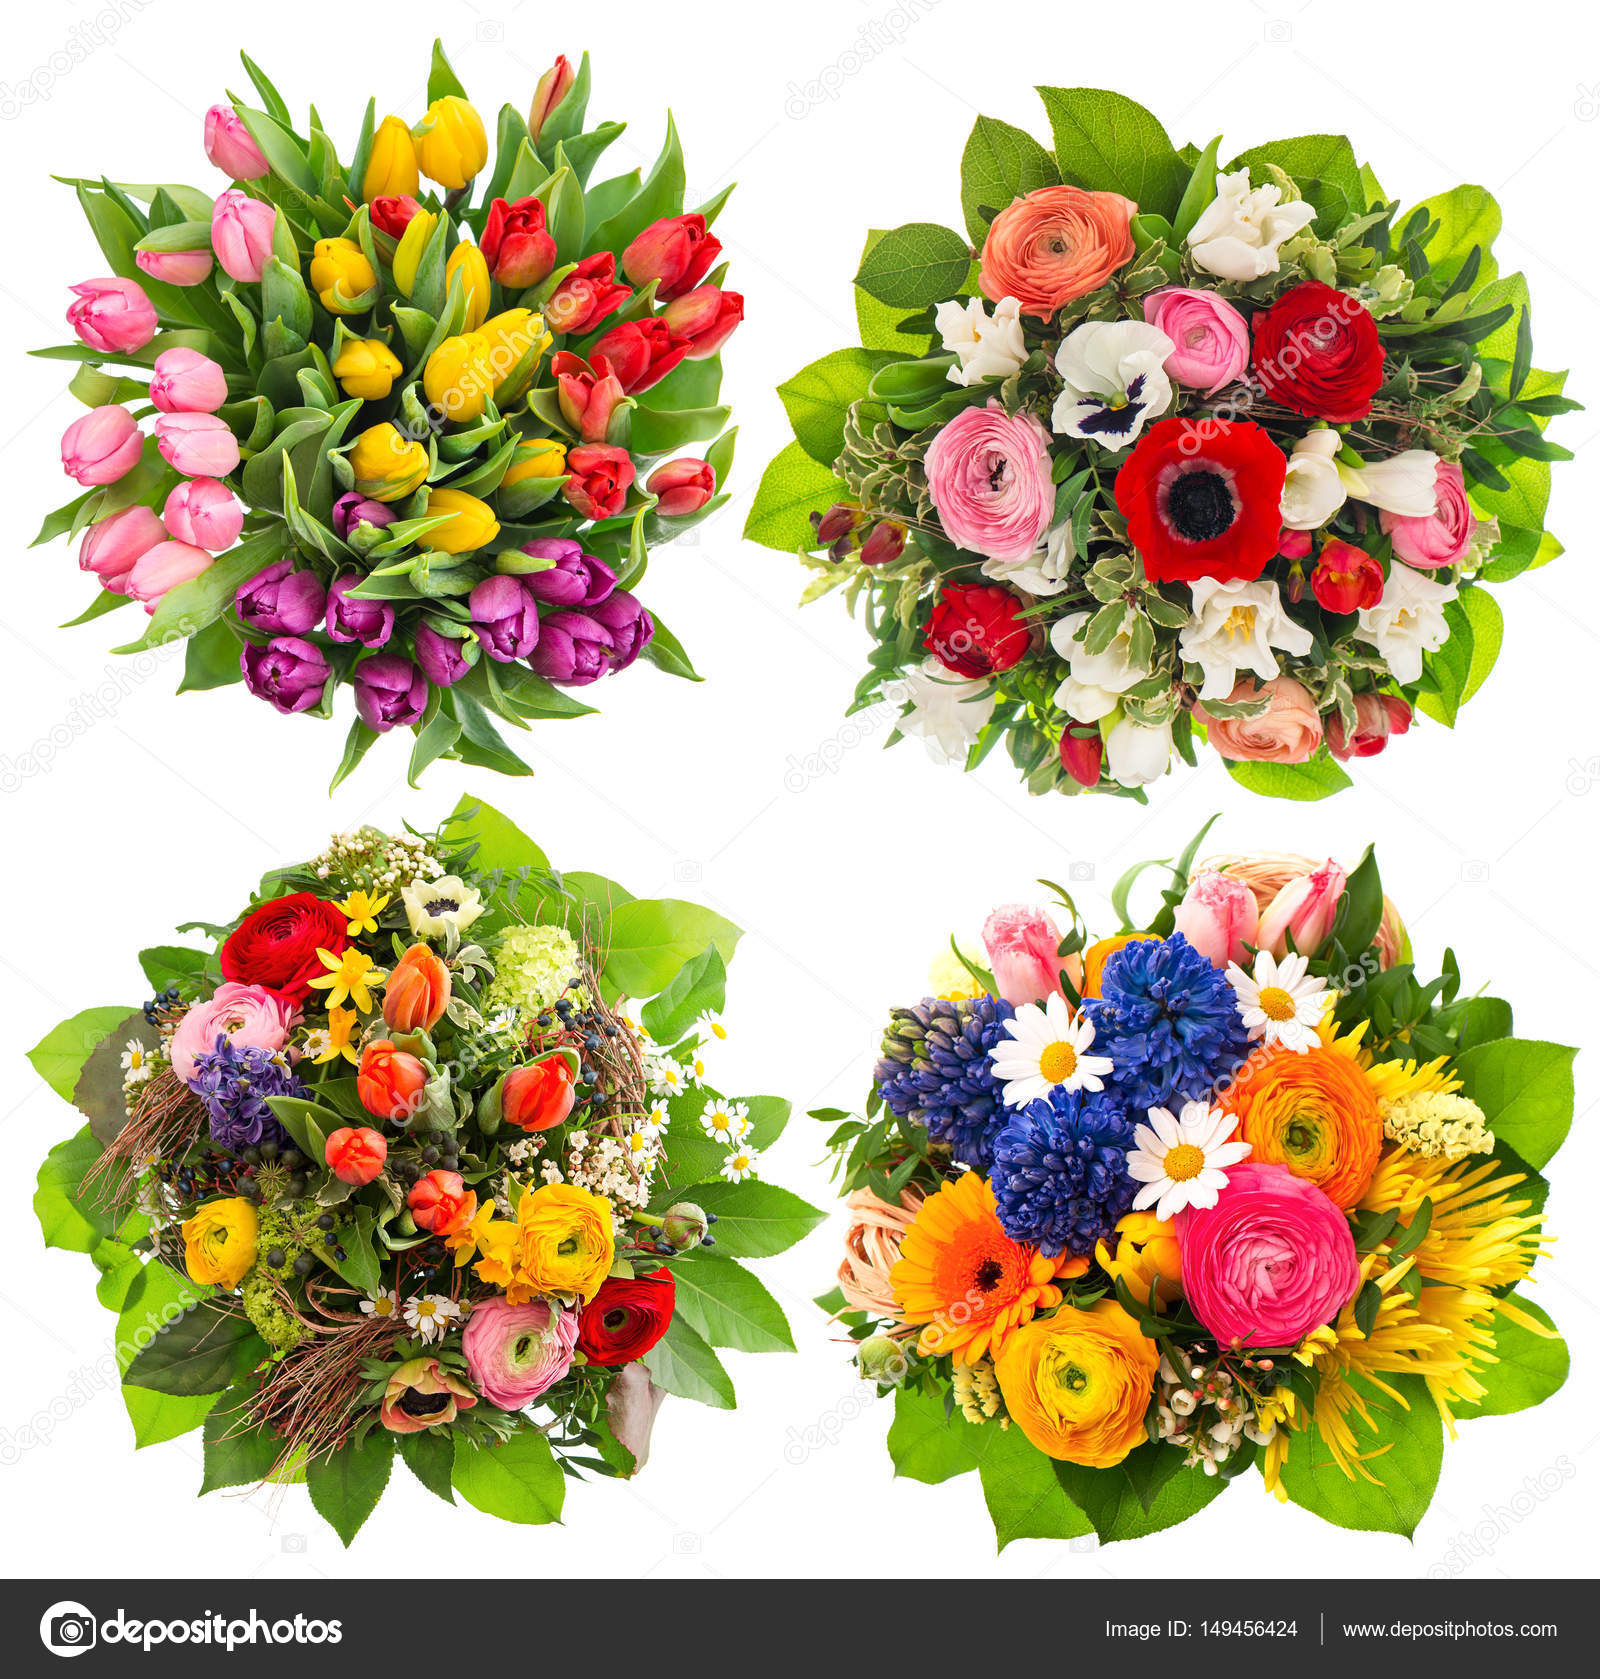 Bloemen boeketten florale decoratie pasen verjaardag for Bloemen decoratie